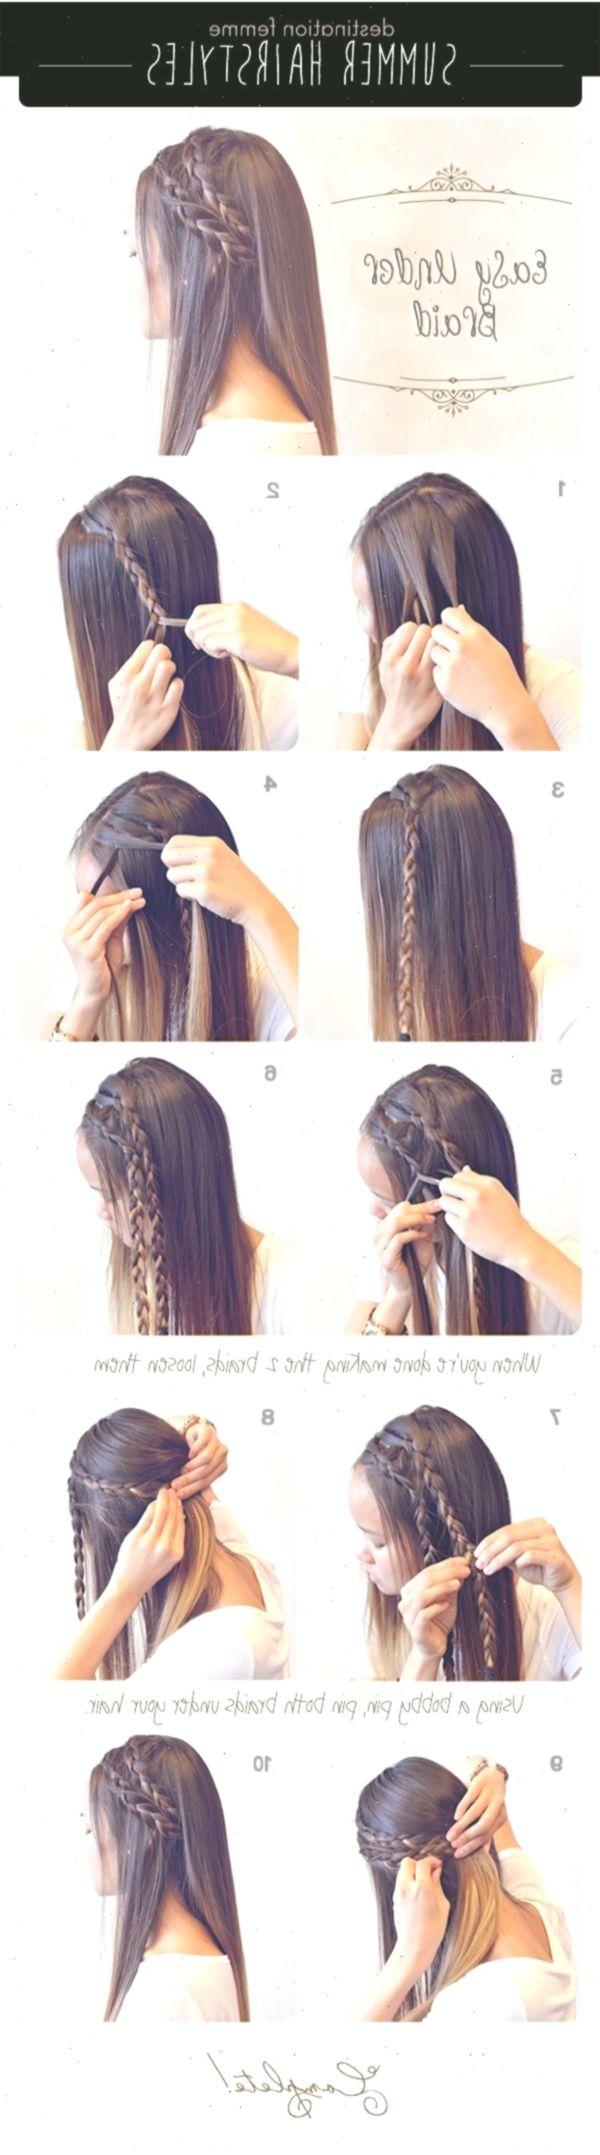 10 + › Sommer Zopf Frisur für Sommer Sommer lange Haare Zöpfe diy